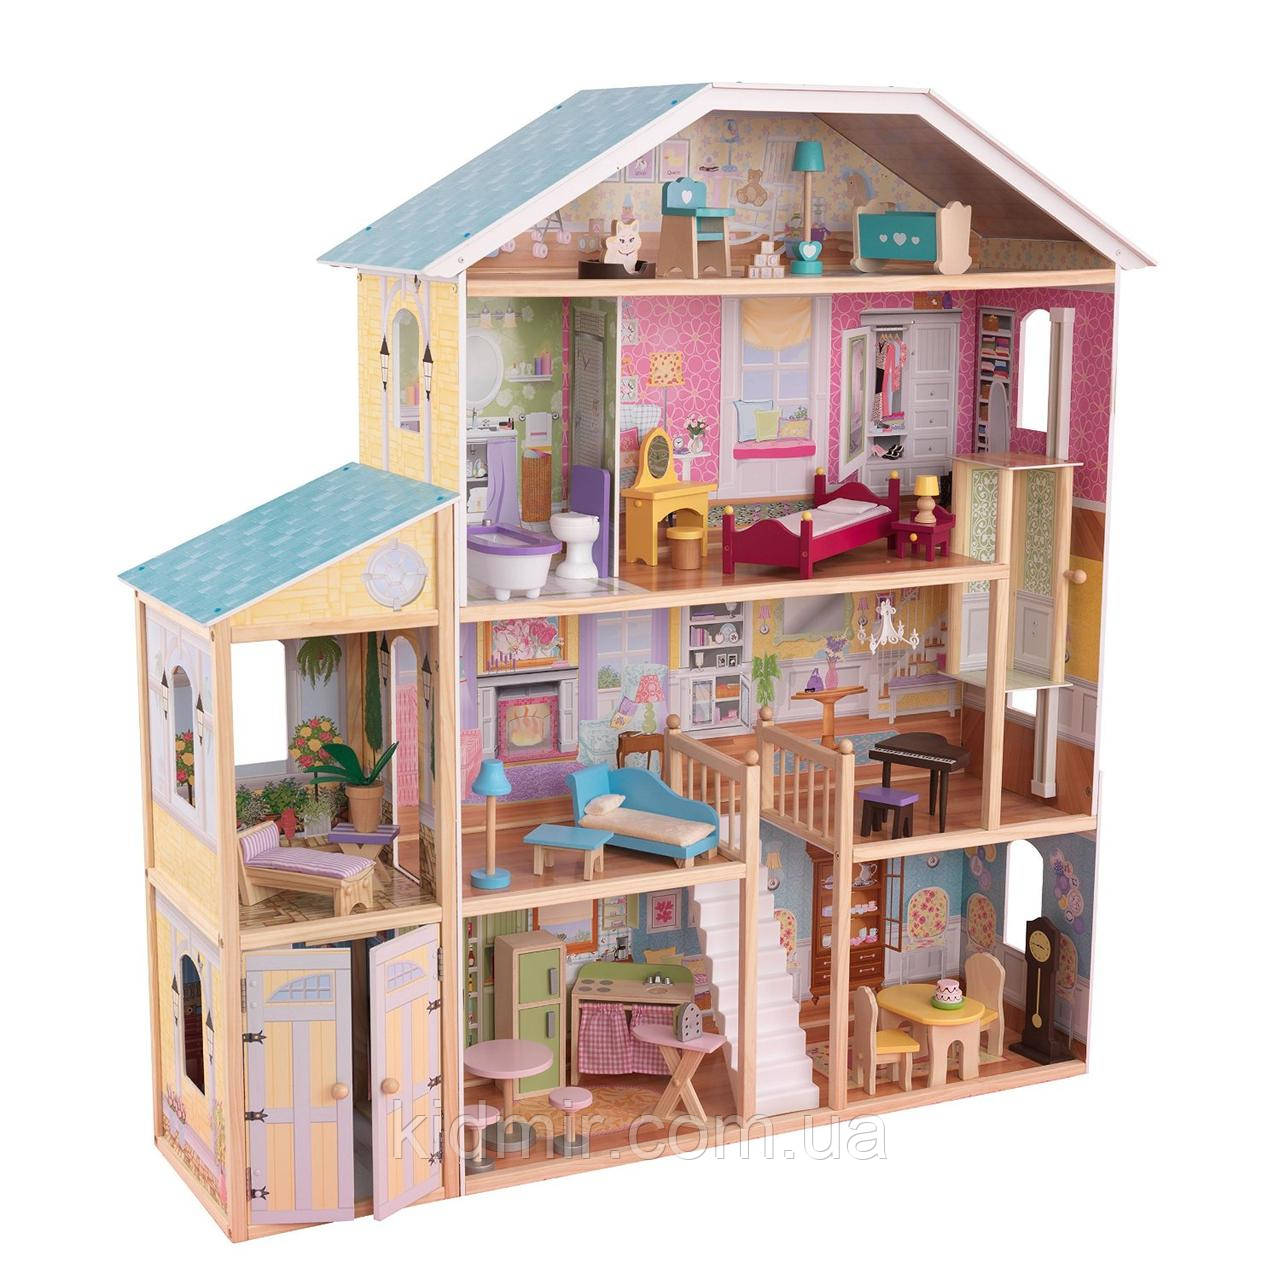 Кукольный дом с мебелью Величественный особняк KidKraft Majestic Mansion 65252